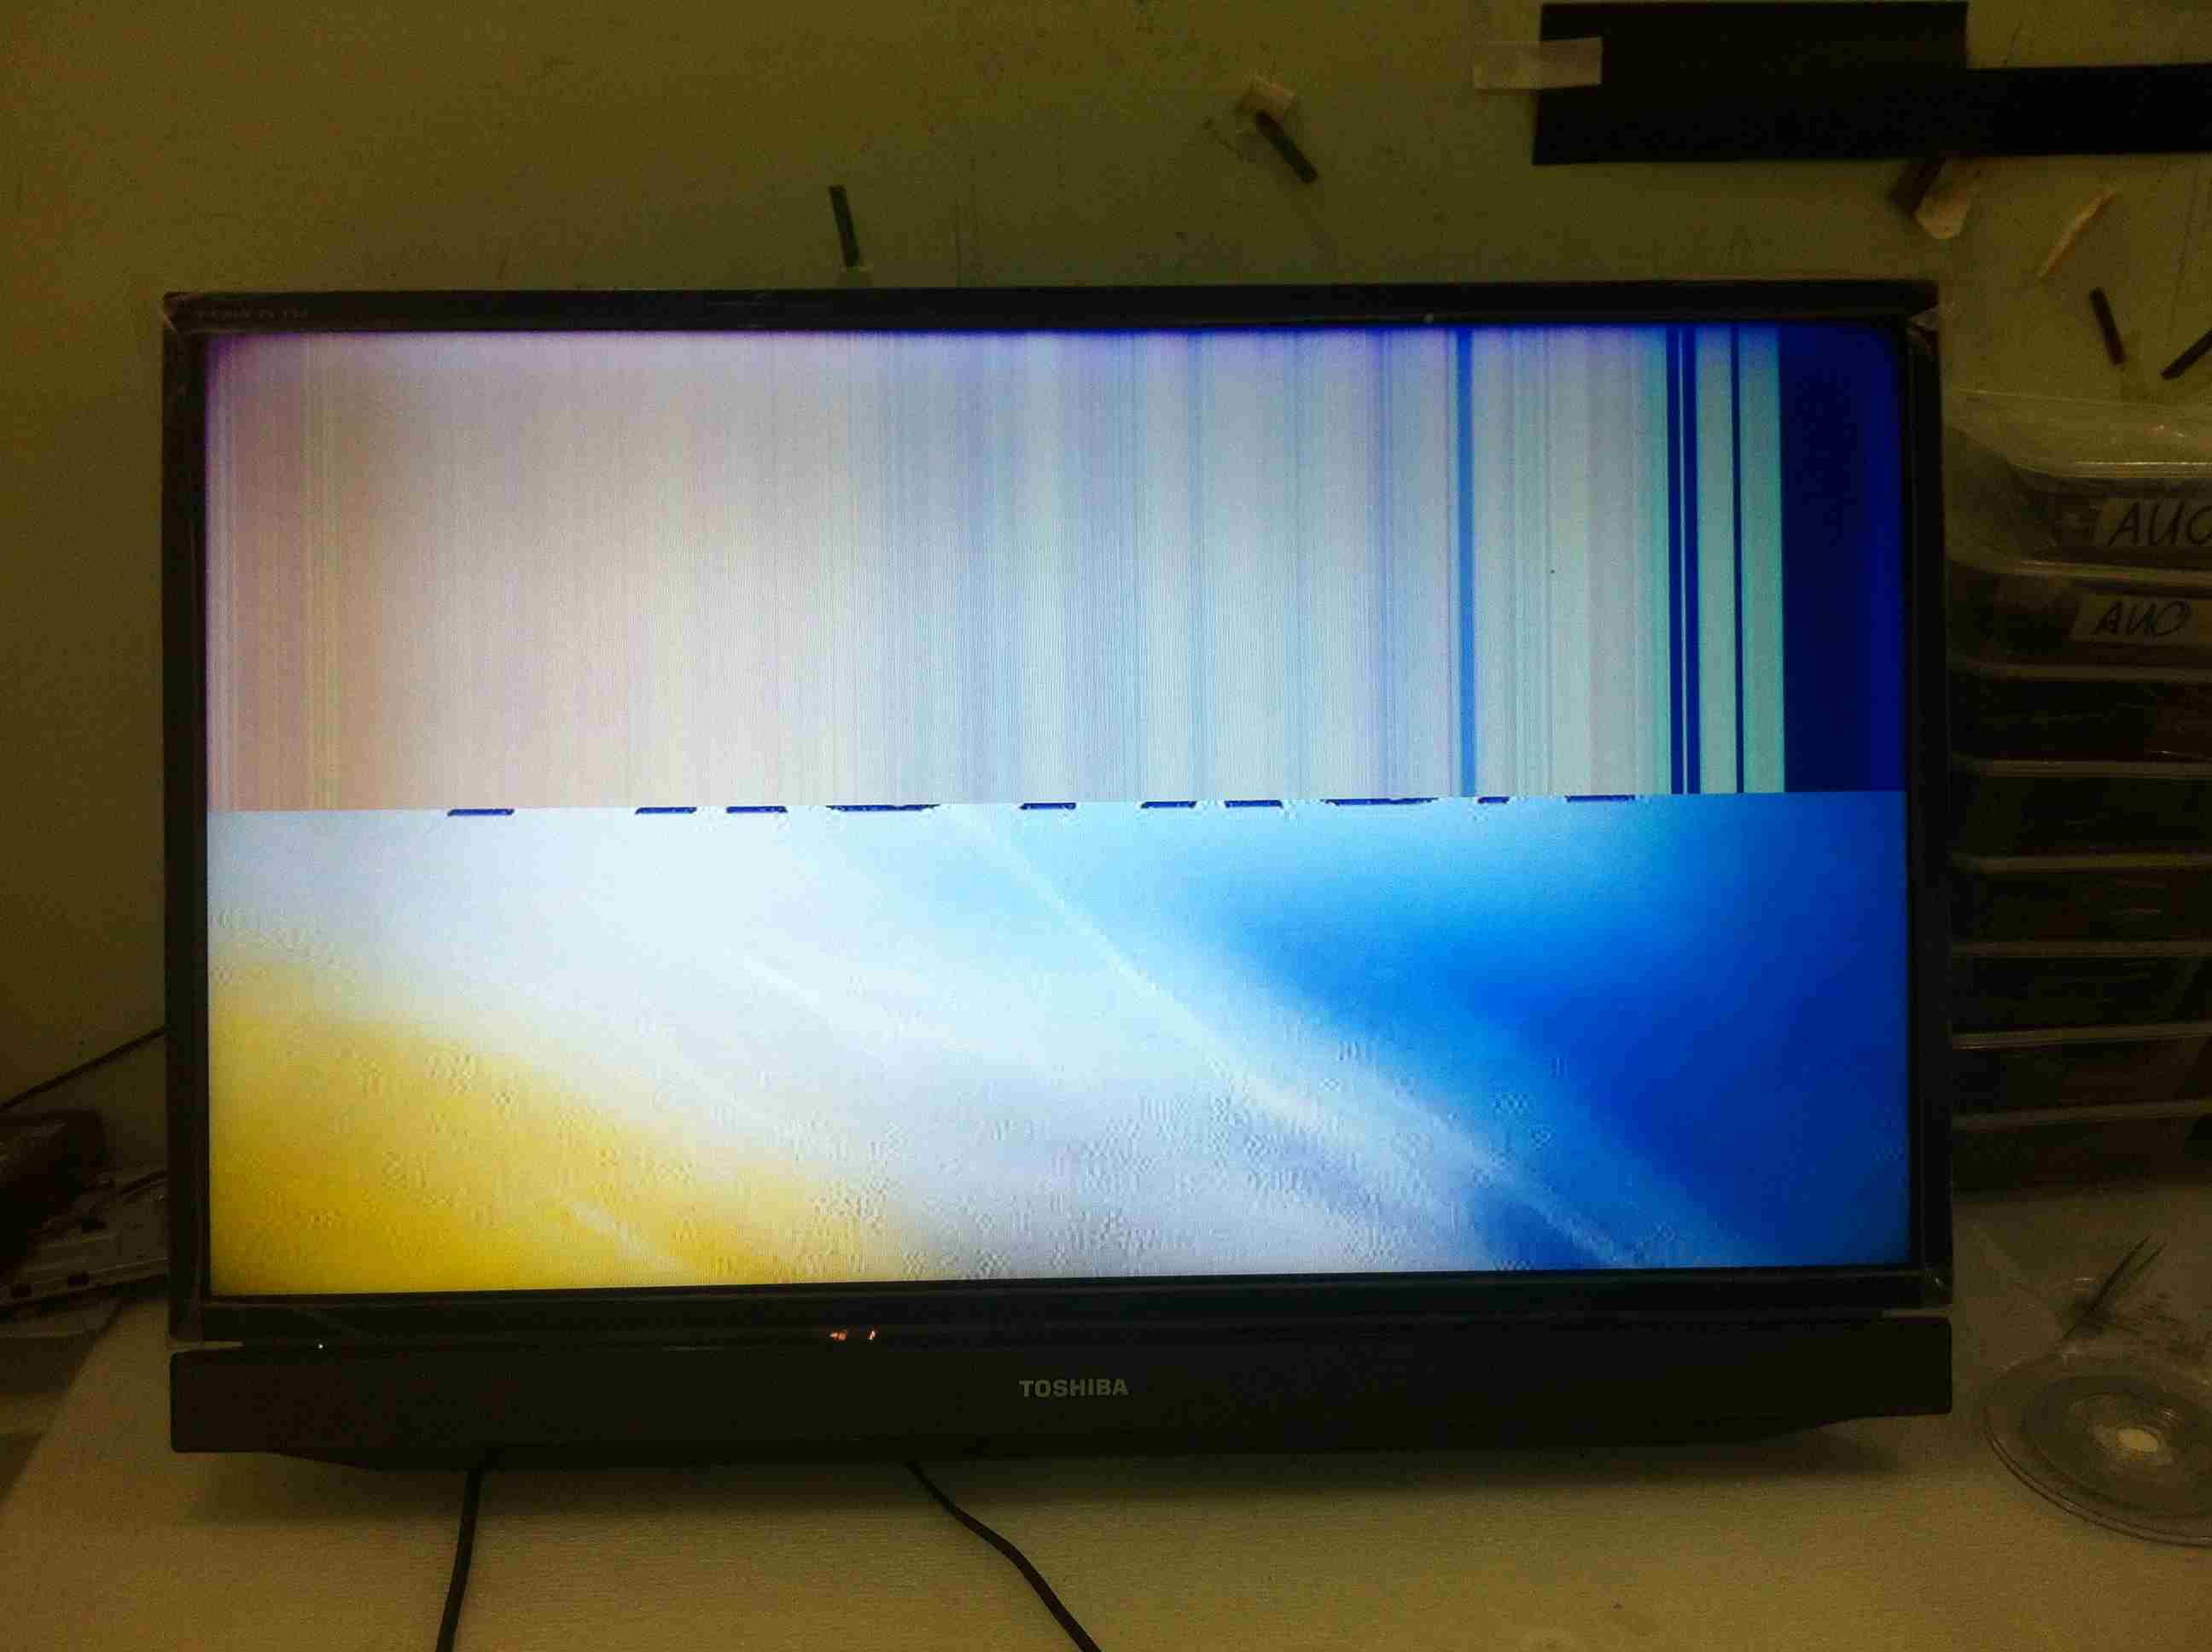 thay màn hình tivi sony giá rẻ tại hải phòng